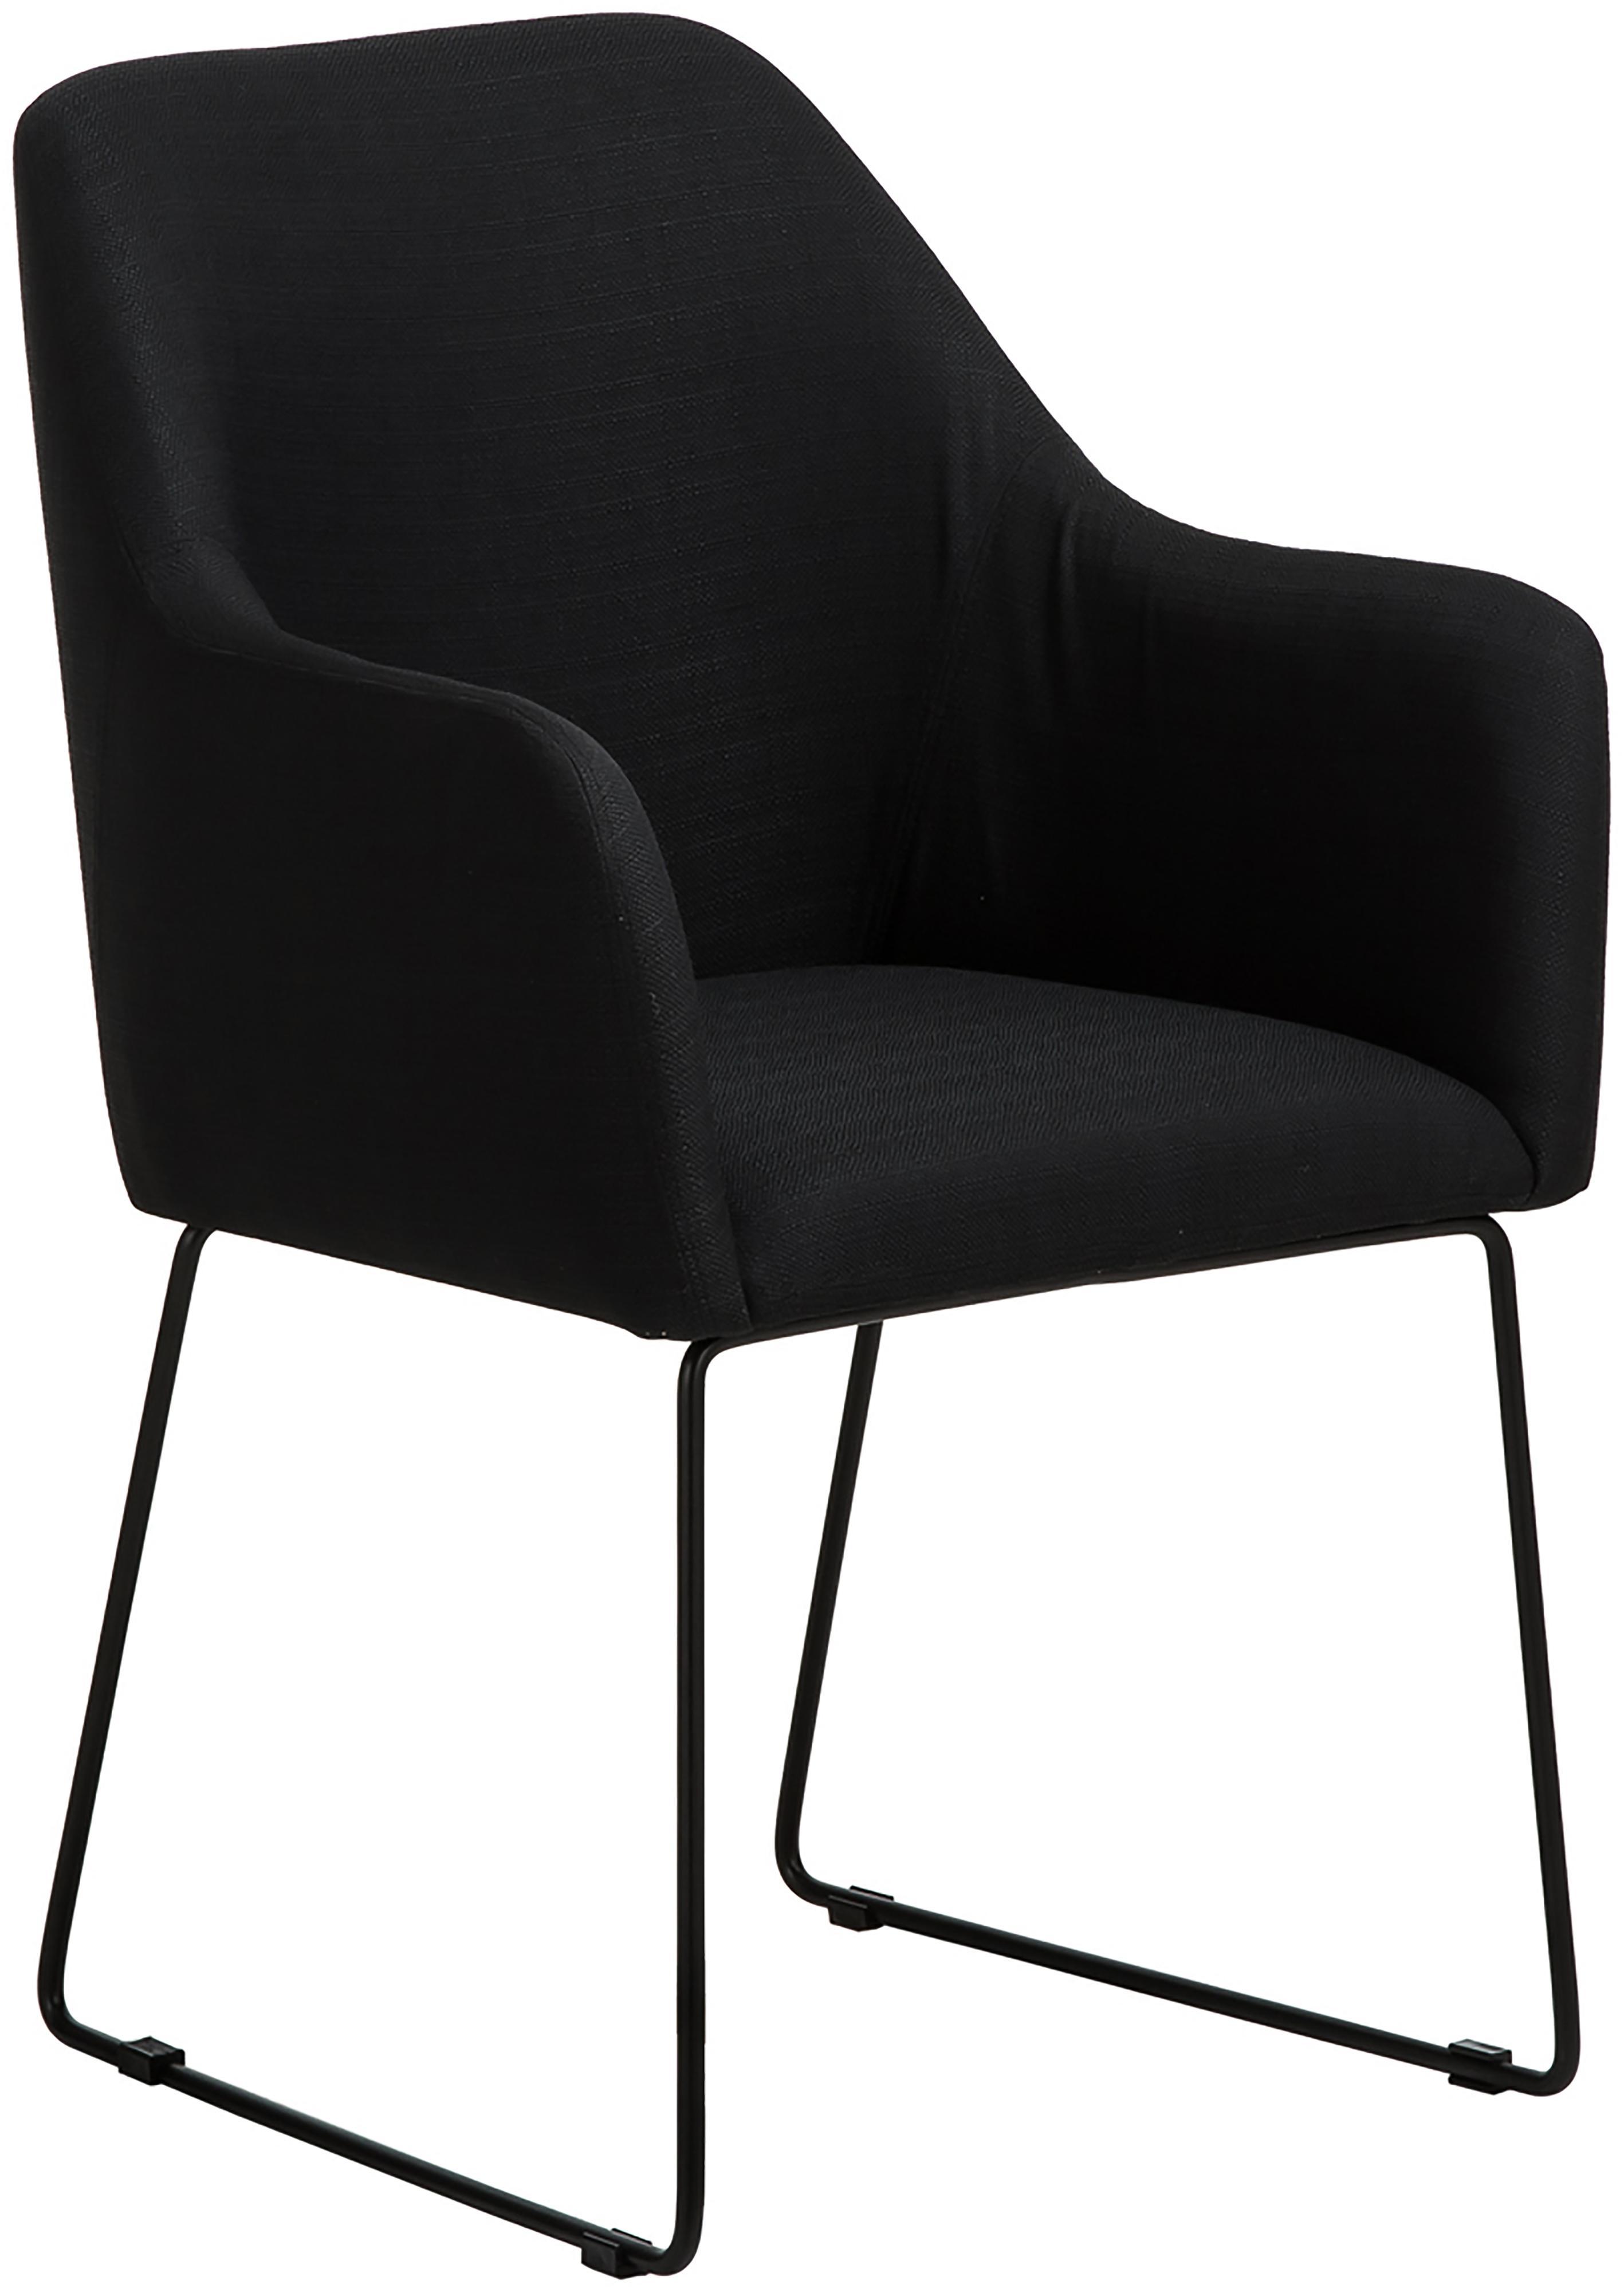 Gestoffeerde armstoel Isla, Bekleding: polyester De bekleding is, Poten: gepoedercoat metaal, Geweven stof zwart, poten zwart, B 58 x D 62 cm